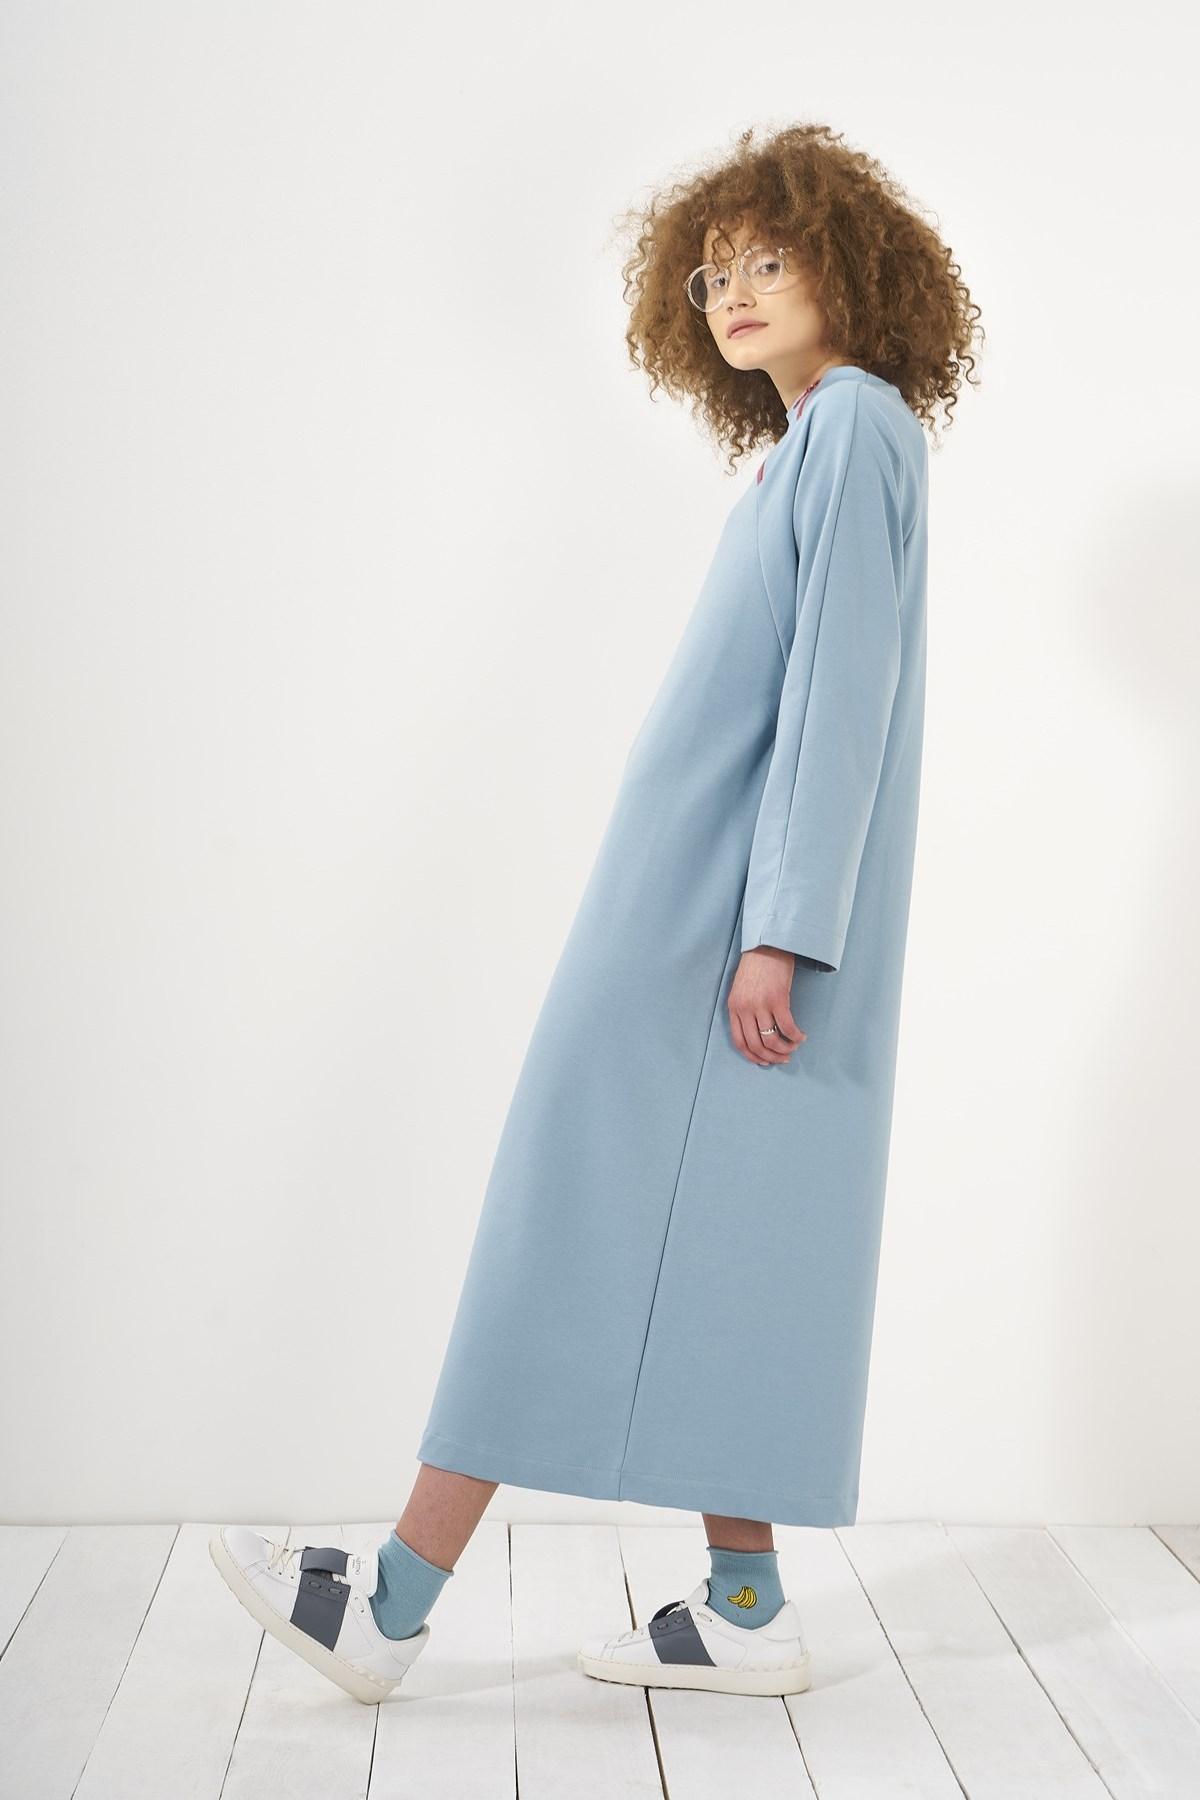 Mevra - Yaka Fermuarlı Elbise Mavi